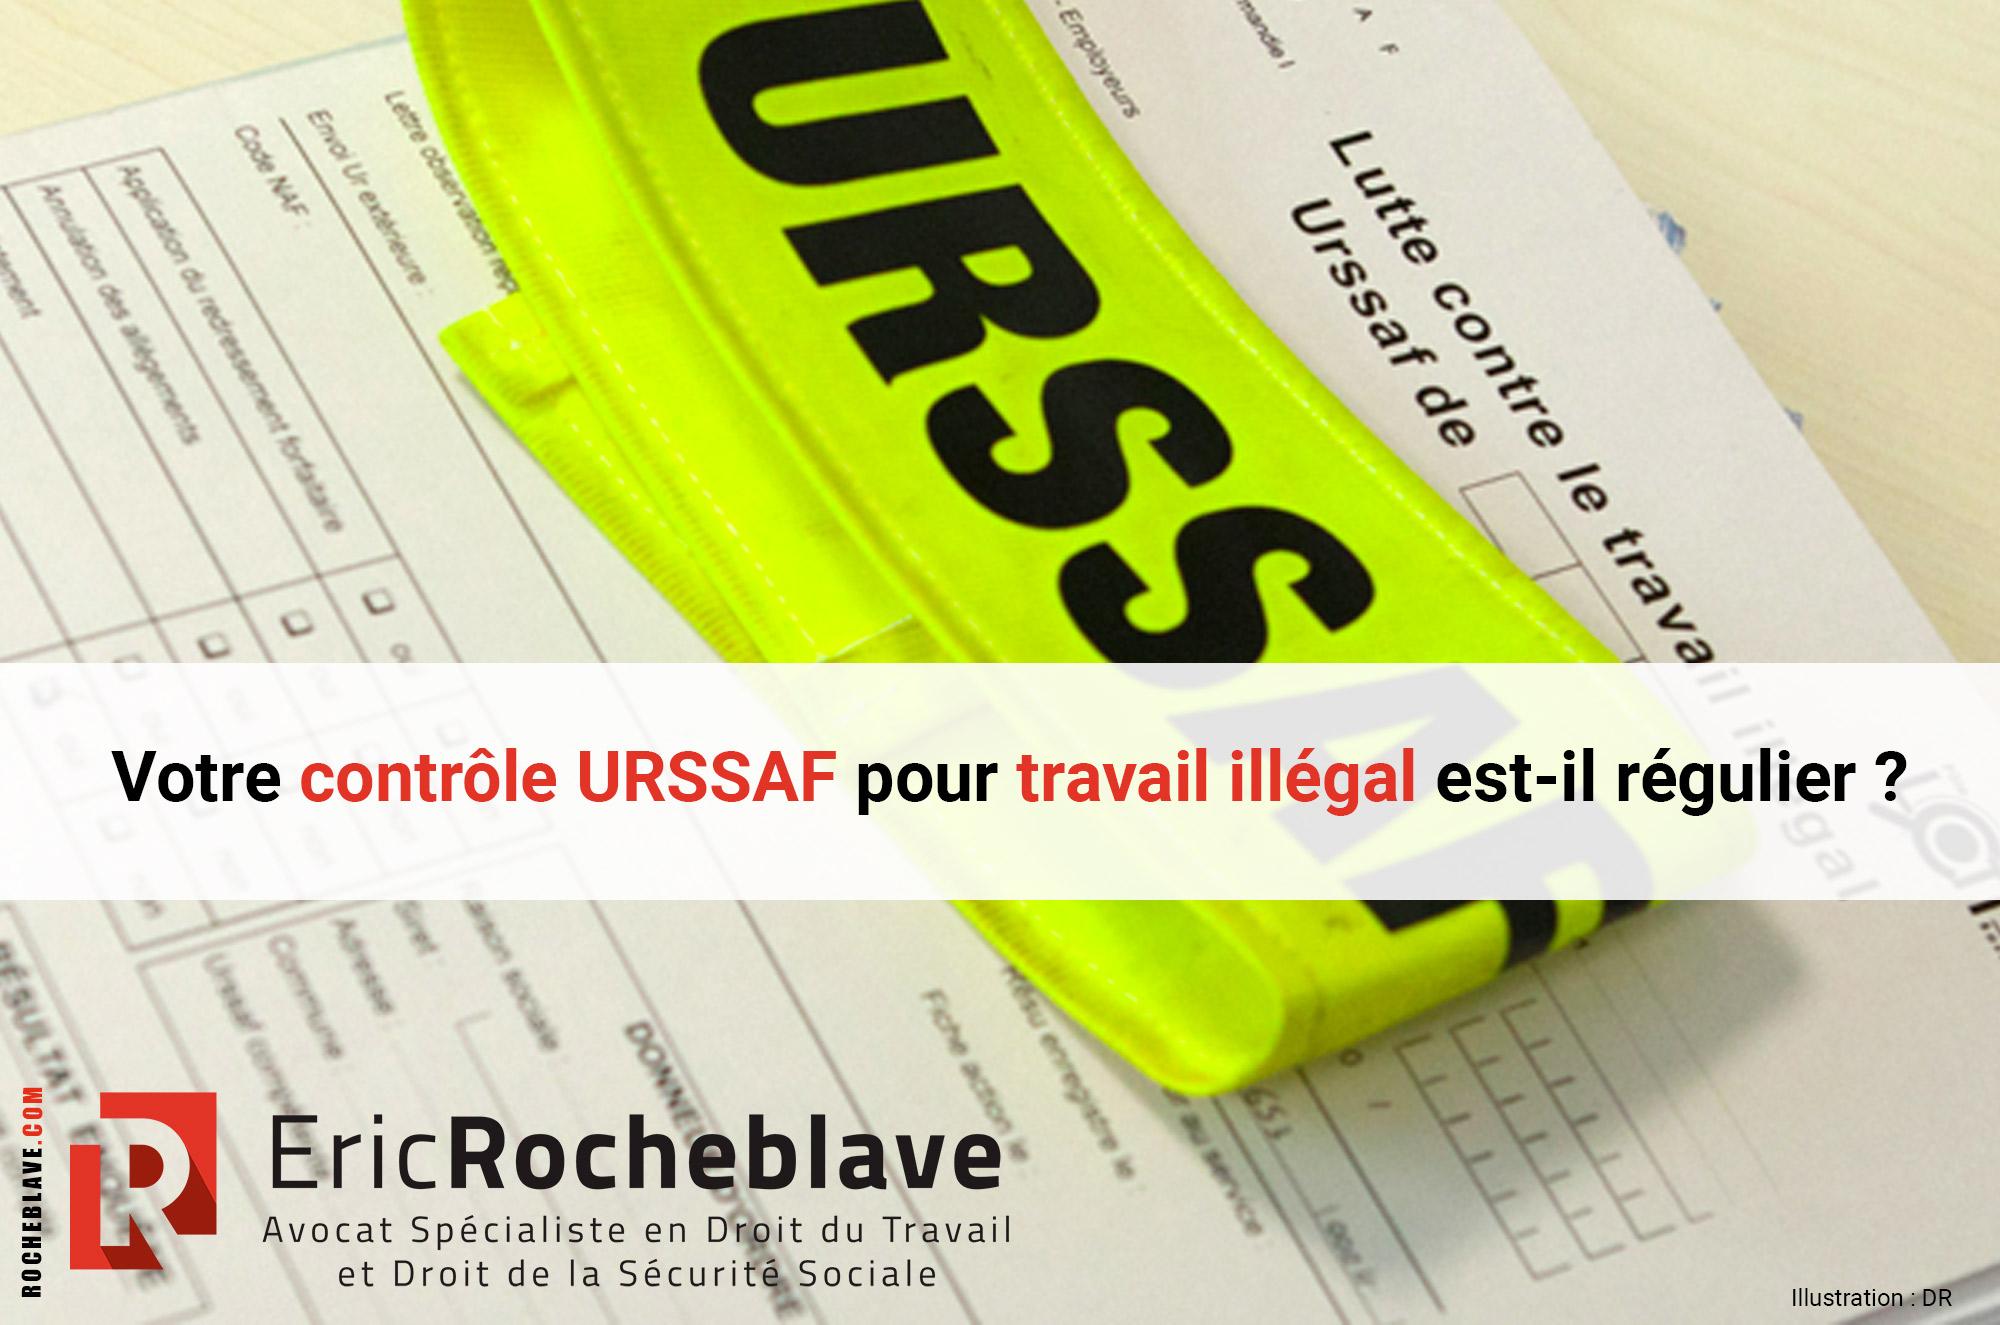 Votre contrôle URSSAF pour travail illégal est-il régulier ?